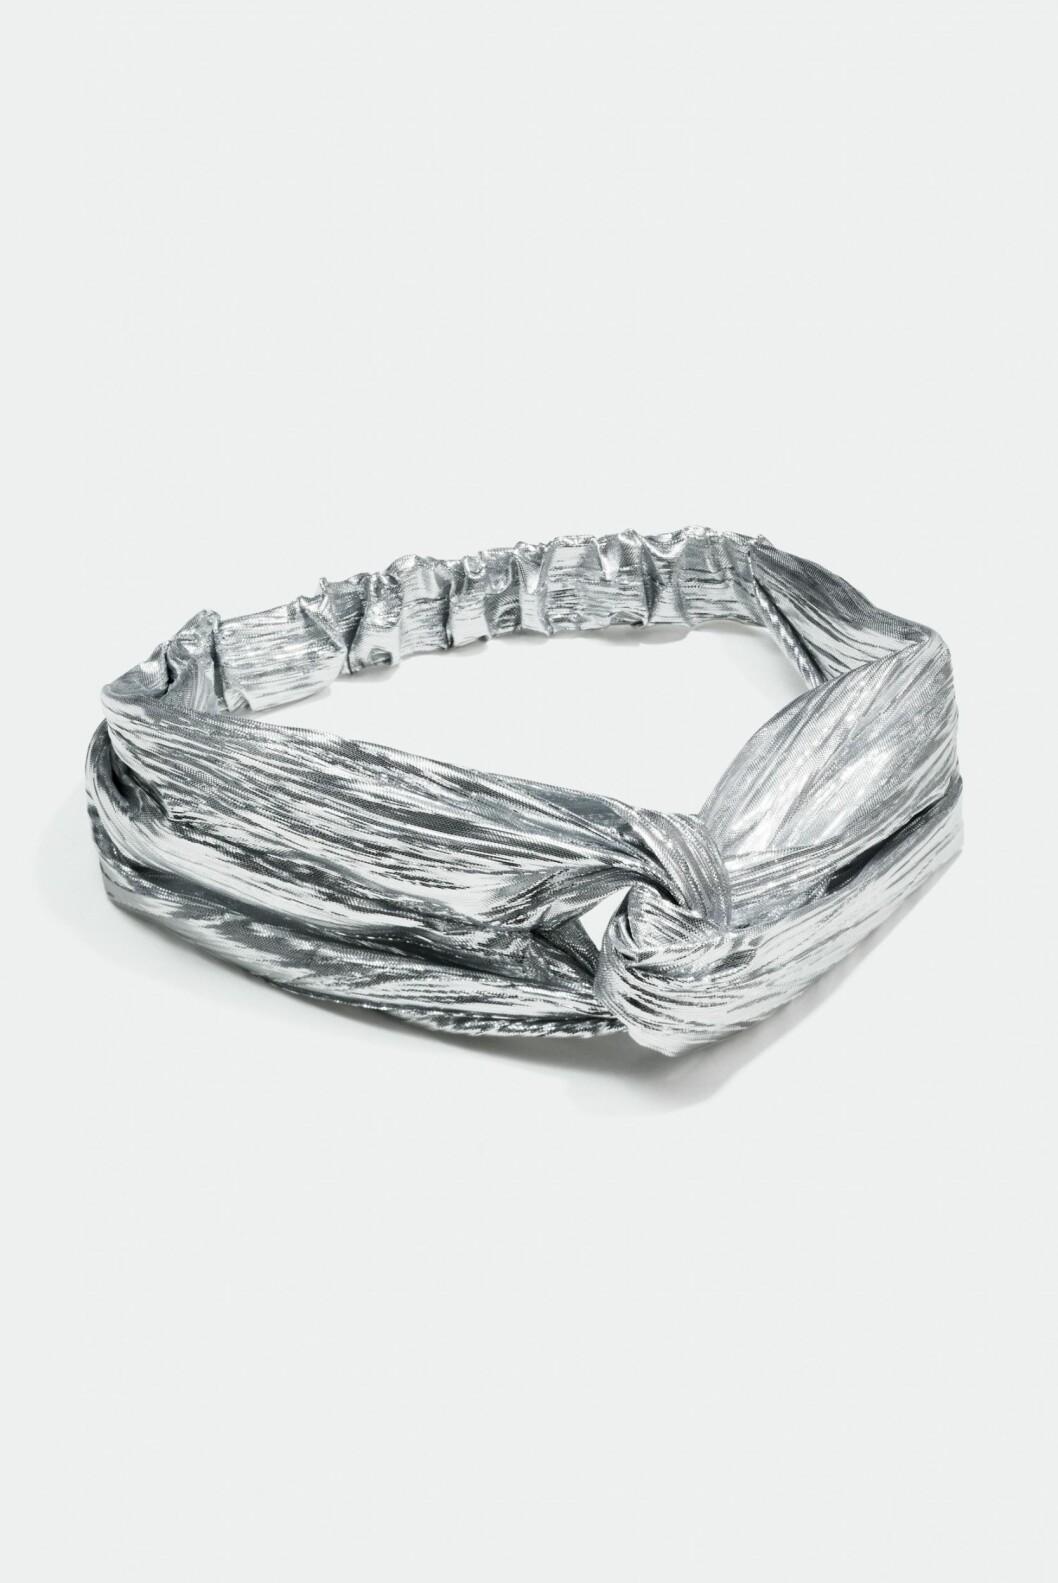 <strong>Hårbånd i sølv fra Glitter |80,-| https:</strong>//www.glitter.no/harband-solvaktig